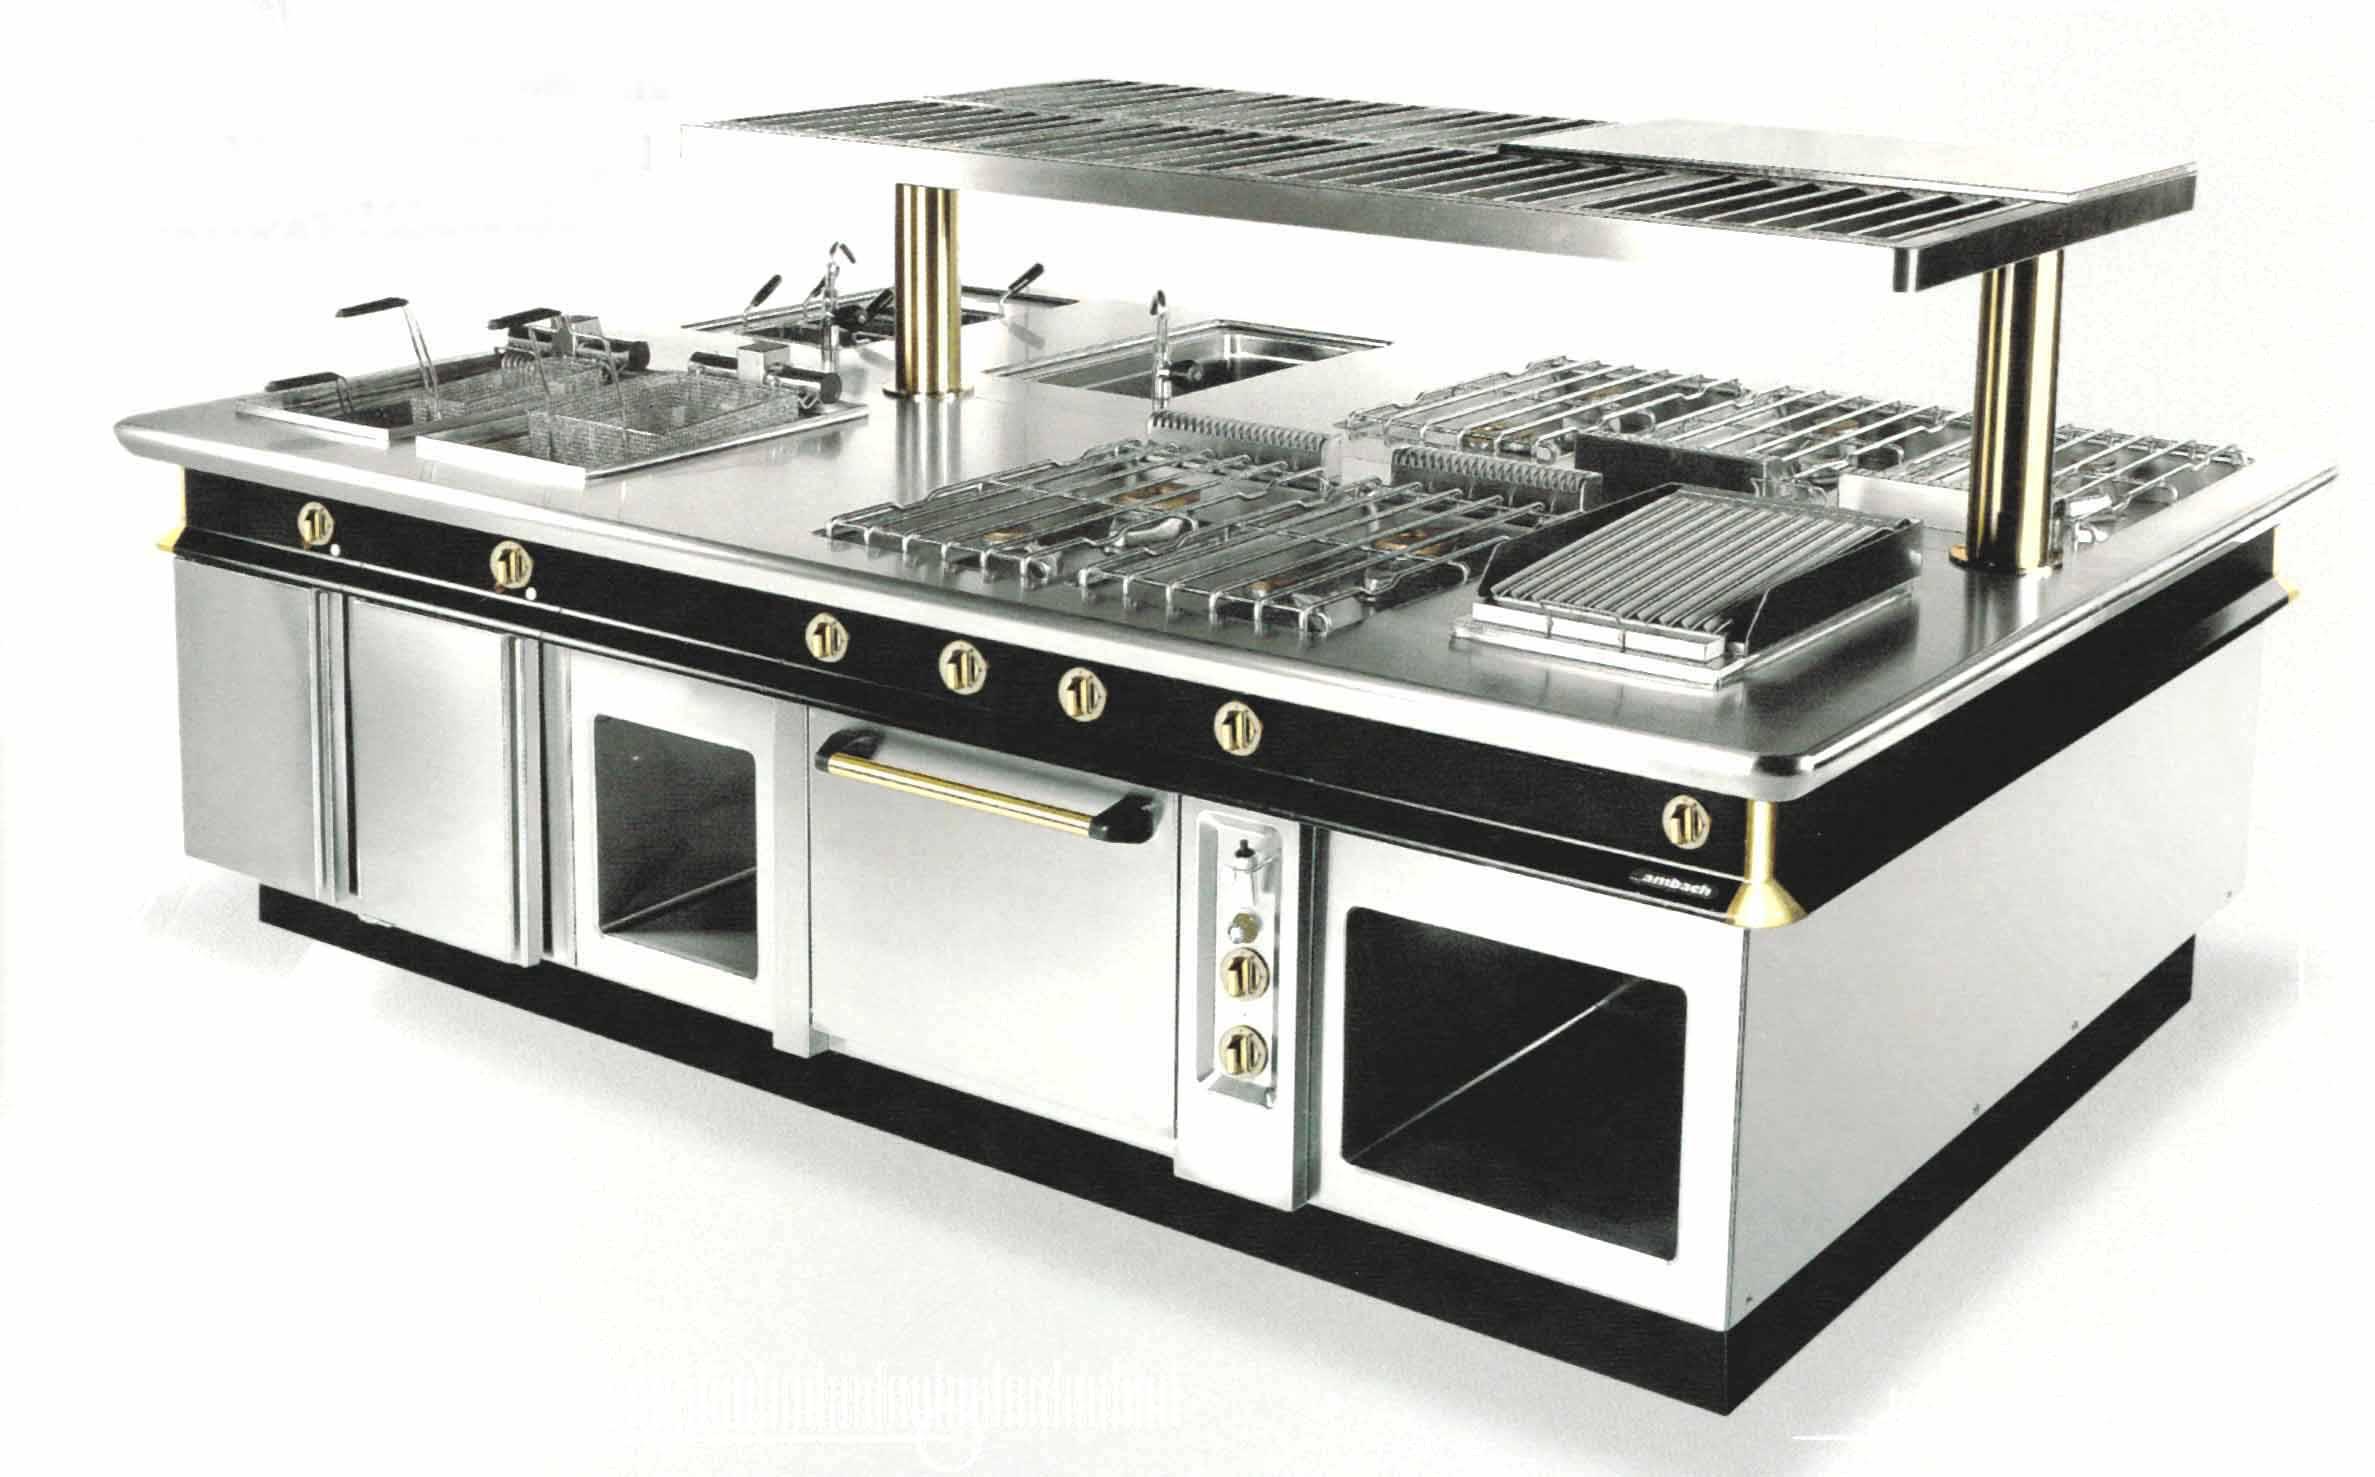 Forno rotor cucina arredi cucine ristoranti for Negozi cucine milano